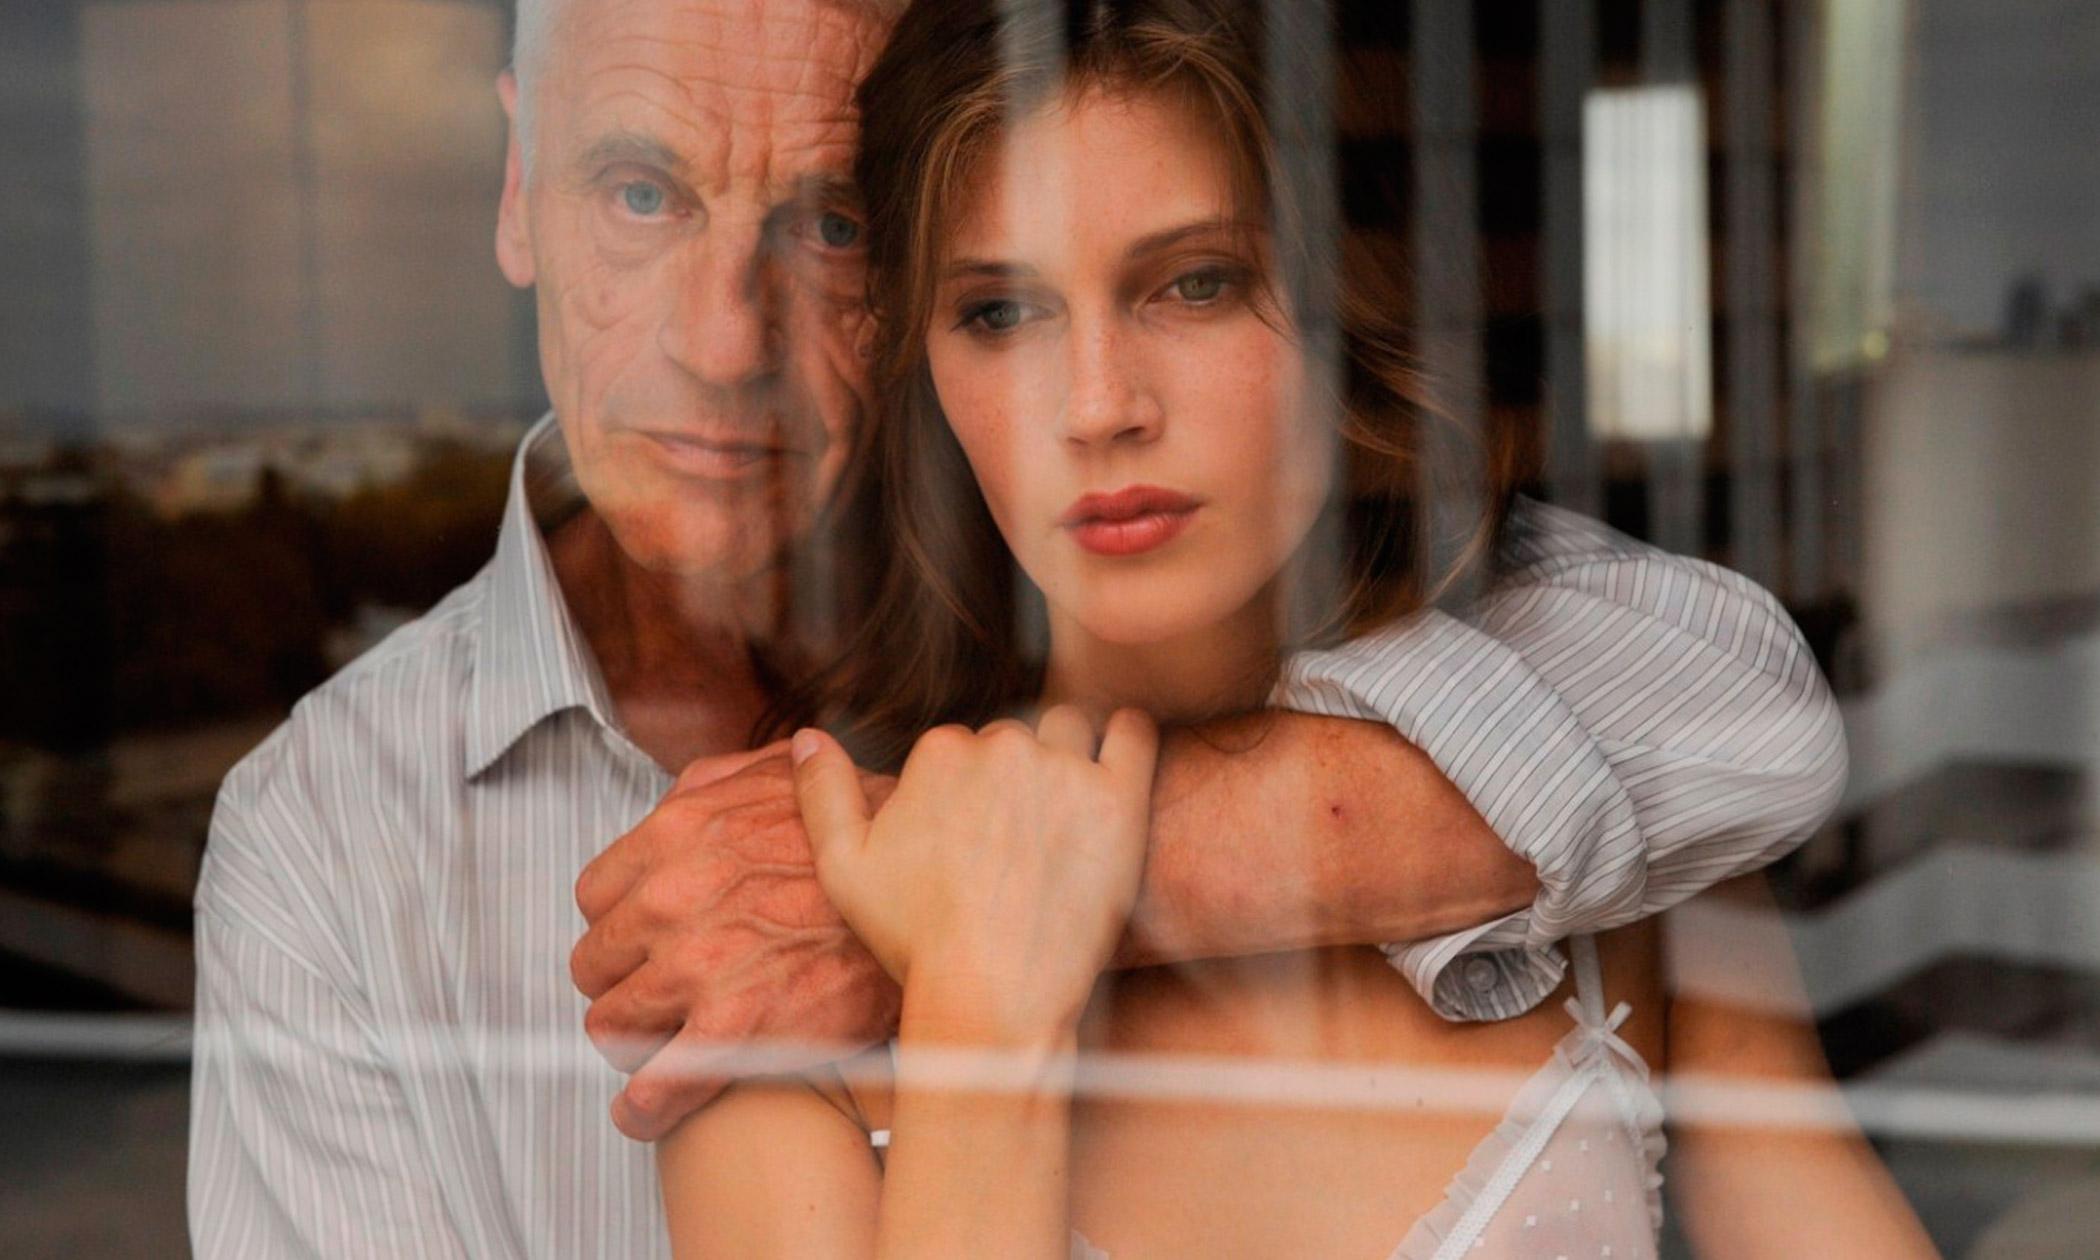 С немолодой женой смотреть онлайн 9 фотография